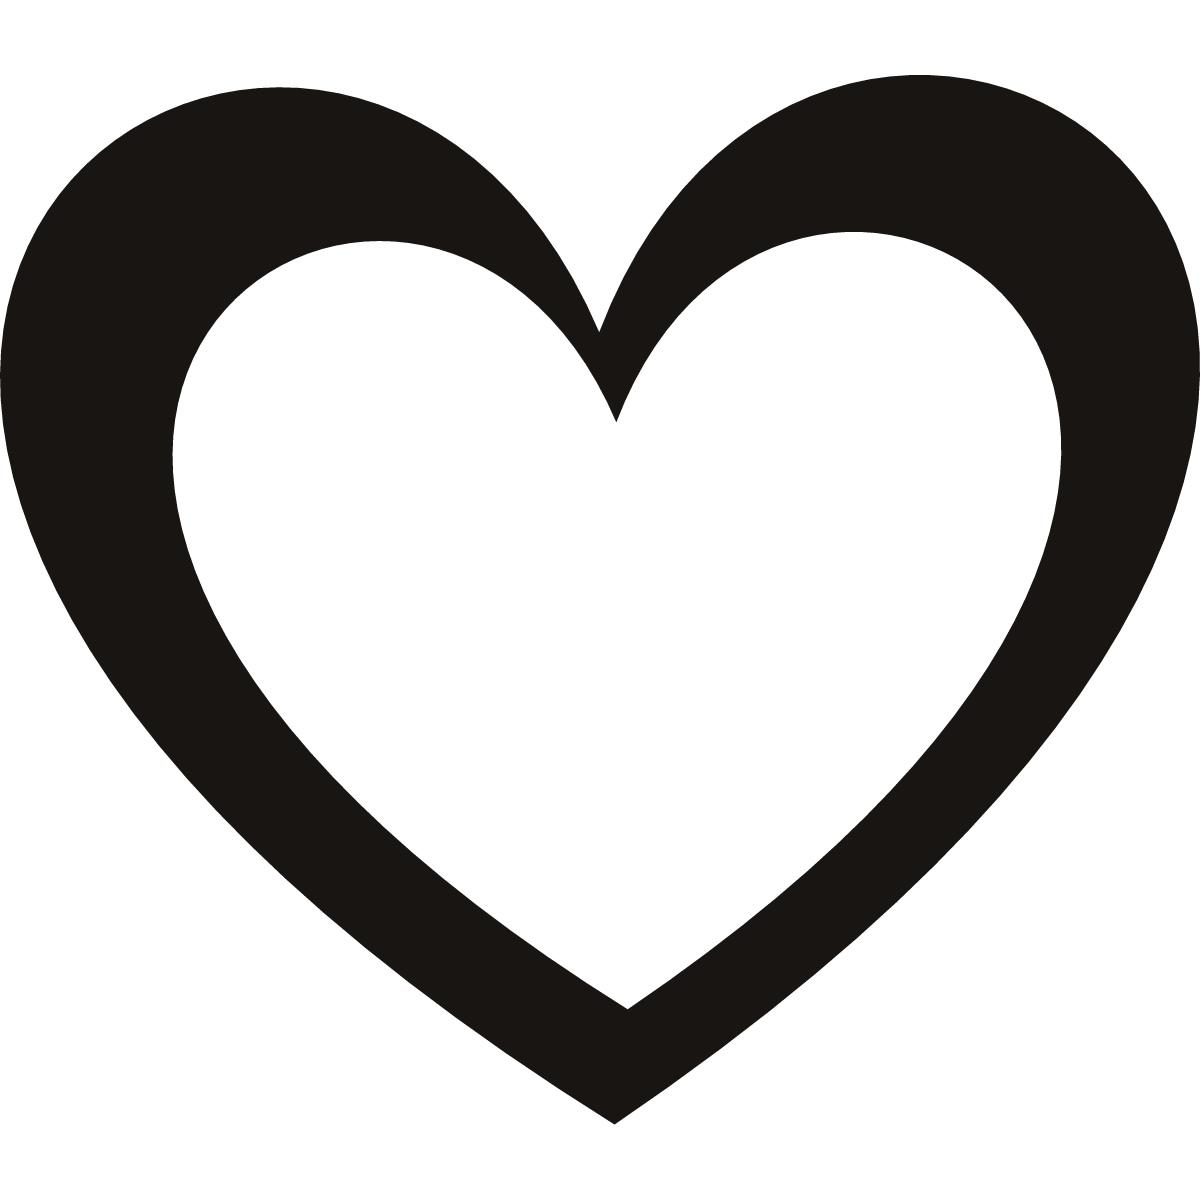 Heart Jpegs.